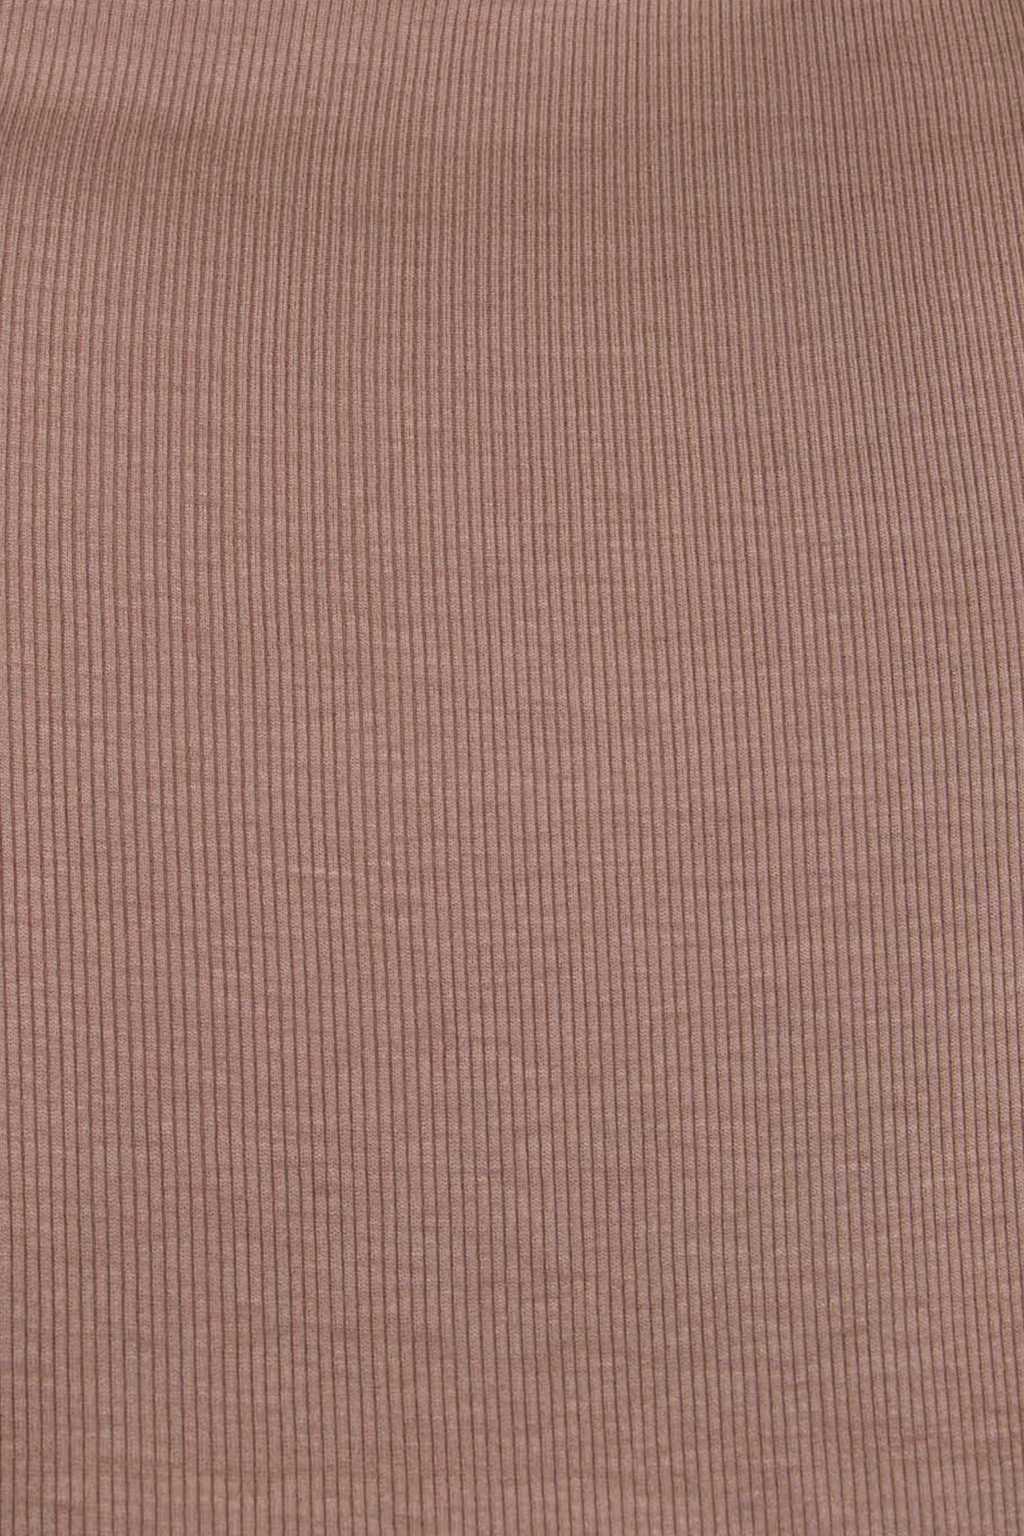 TShirt H539 Beige 6